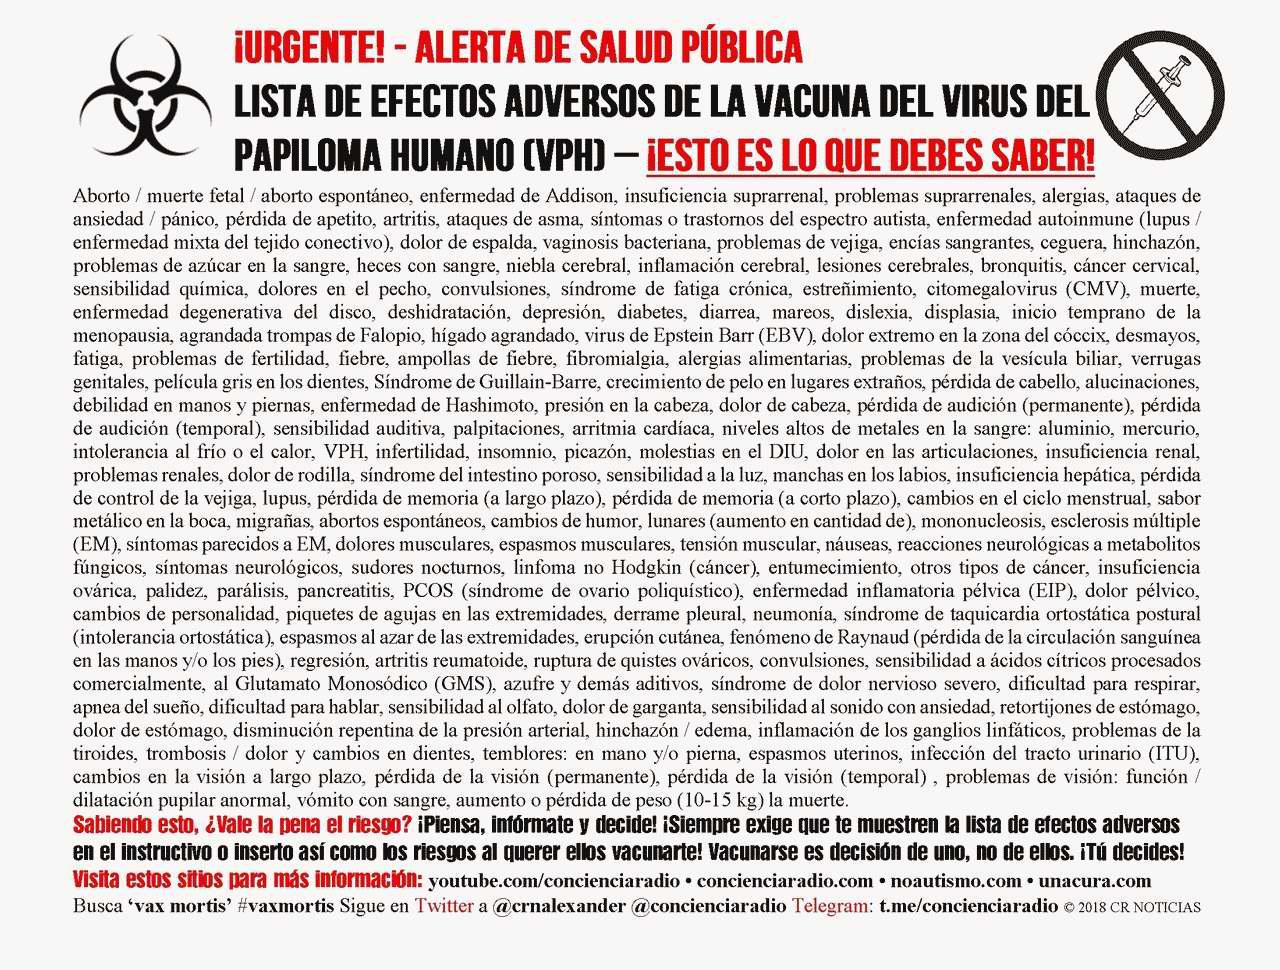 LISTA DE EFECTOS ADVERSOS DE LA VACUNA DEL VIRUS DE PAPILOMA HUMANO VPH